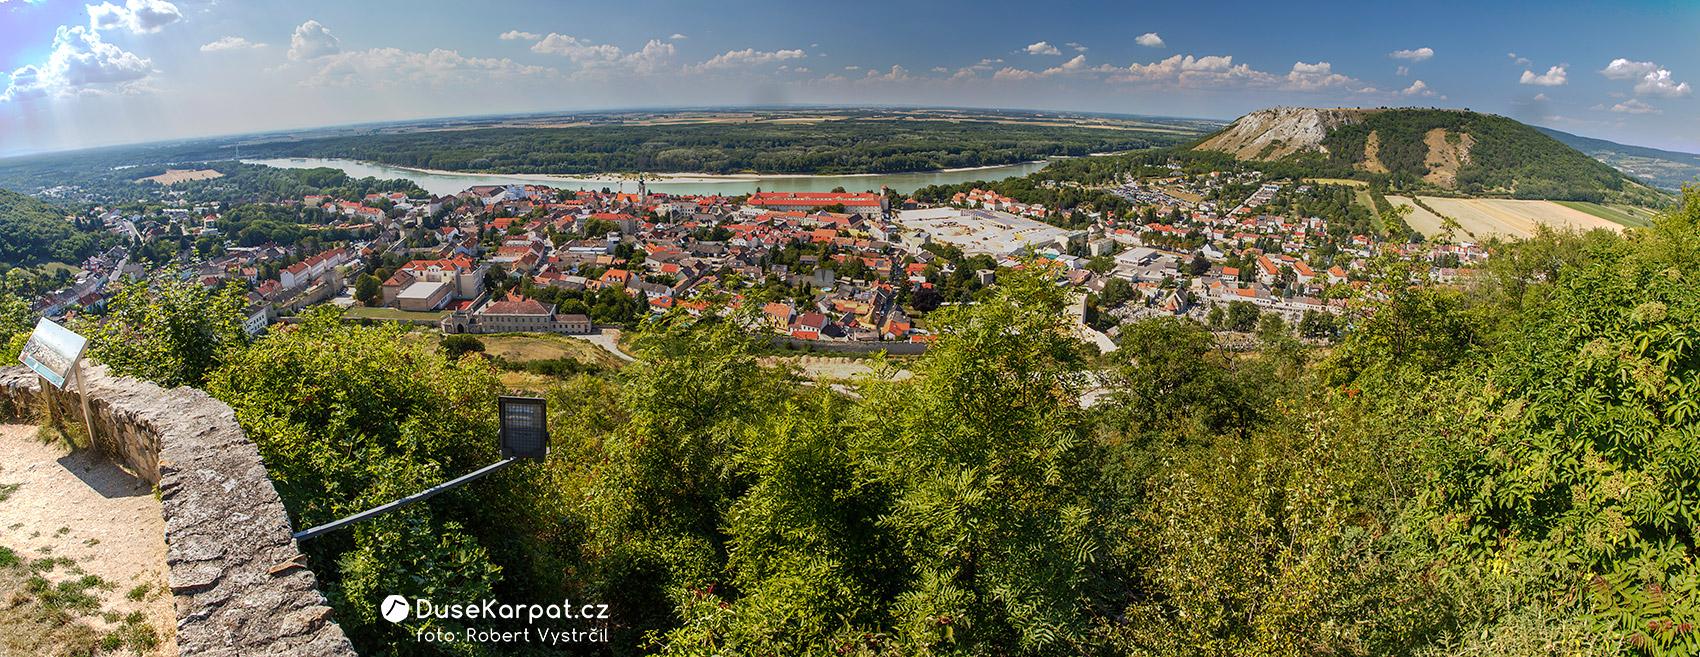 Hainburg an der Donau   Dusza Karpat